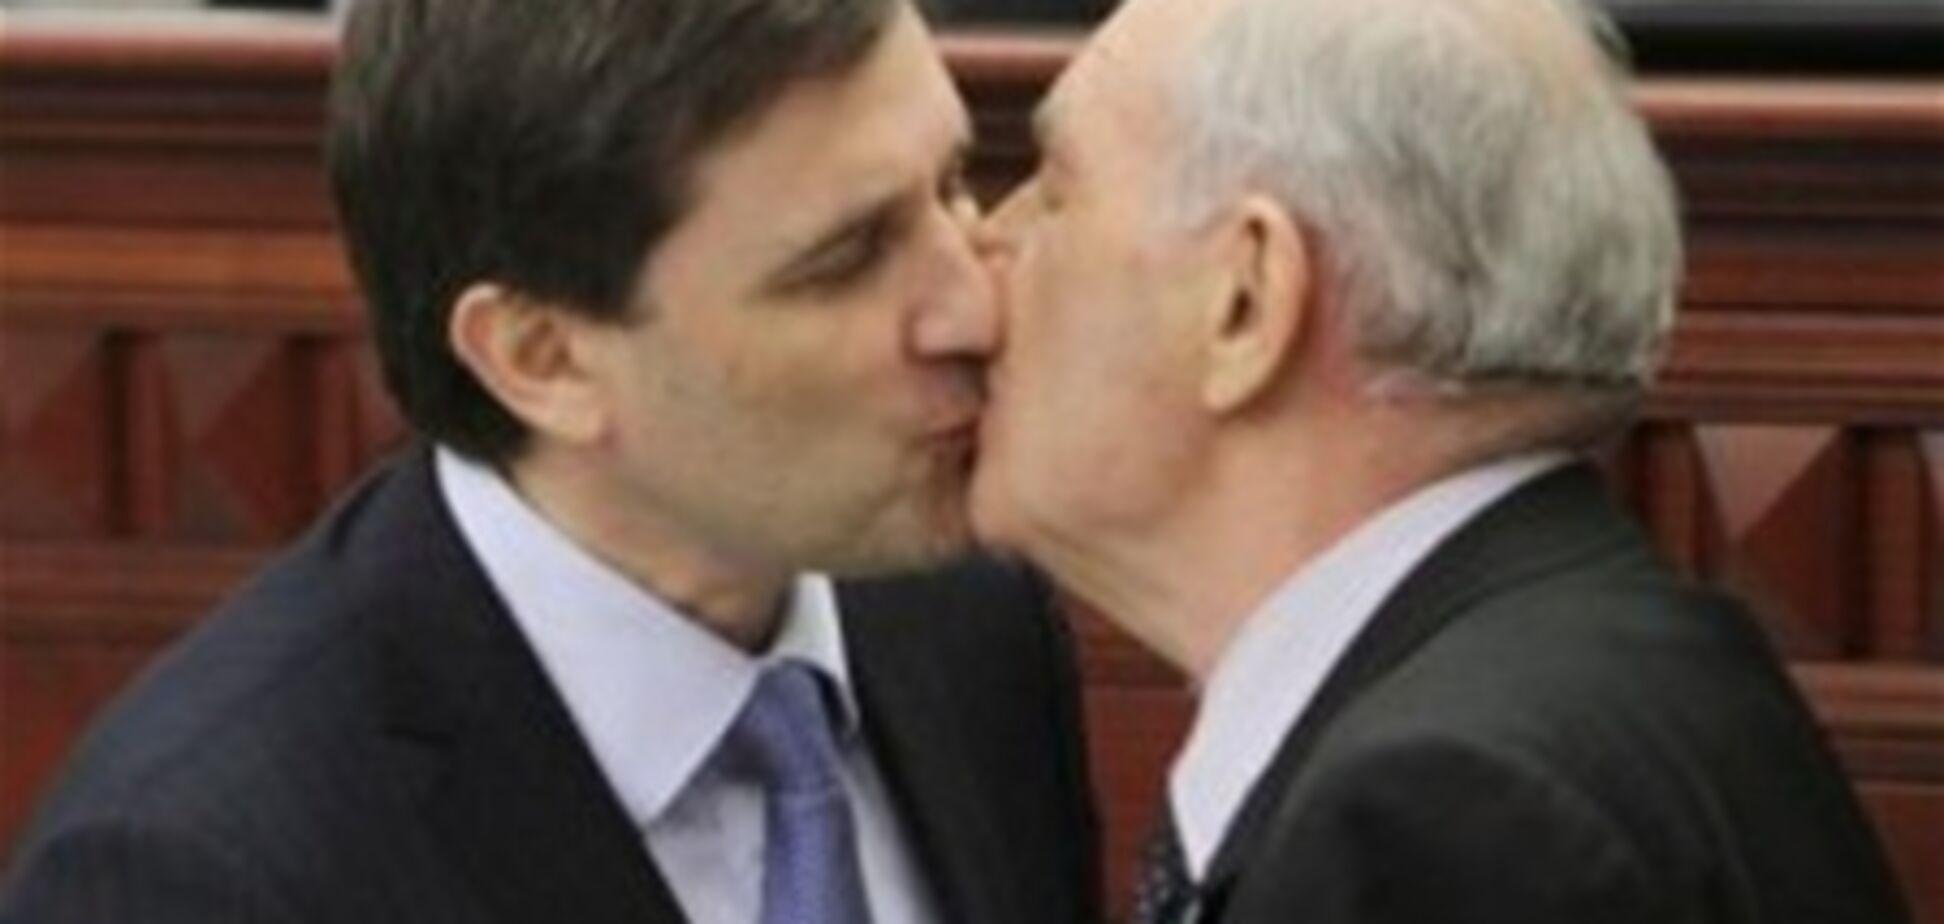 Шок! Губернатор поцілував Ляшко в губи